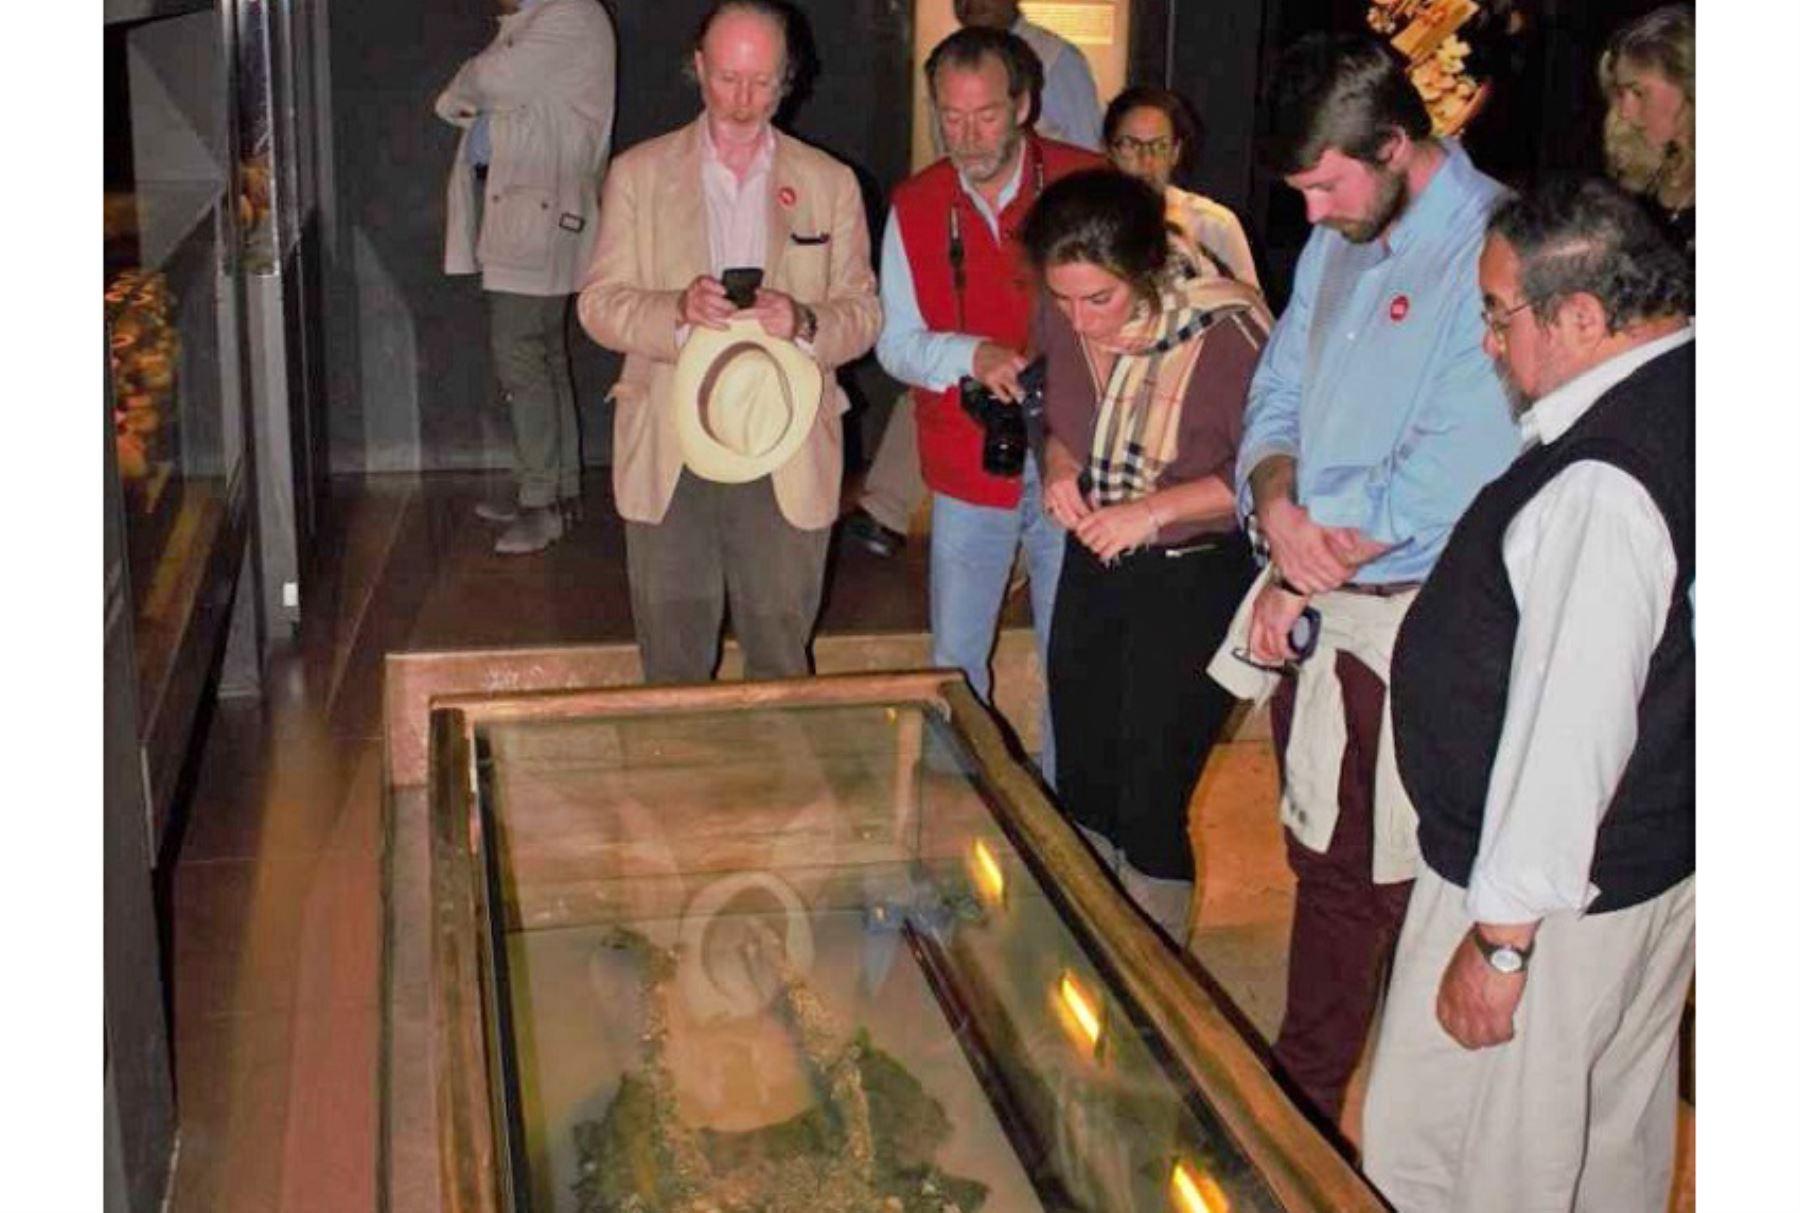 Los restos óseos del Señor de Sipán, así como las más de 1,900 piezas de su ajuar funerario que se conservan en el museo Tumbas Reales, deslumbraron al príncipe de Bélgica, Pierre d